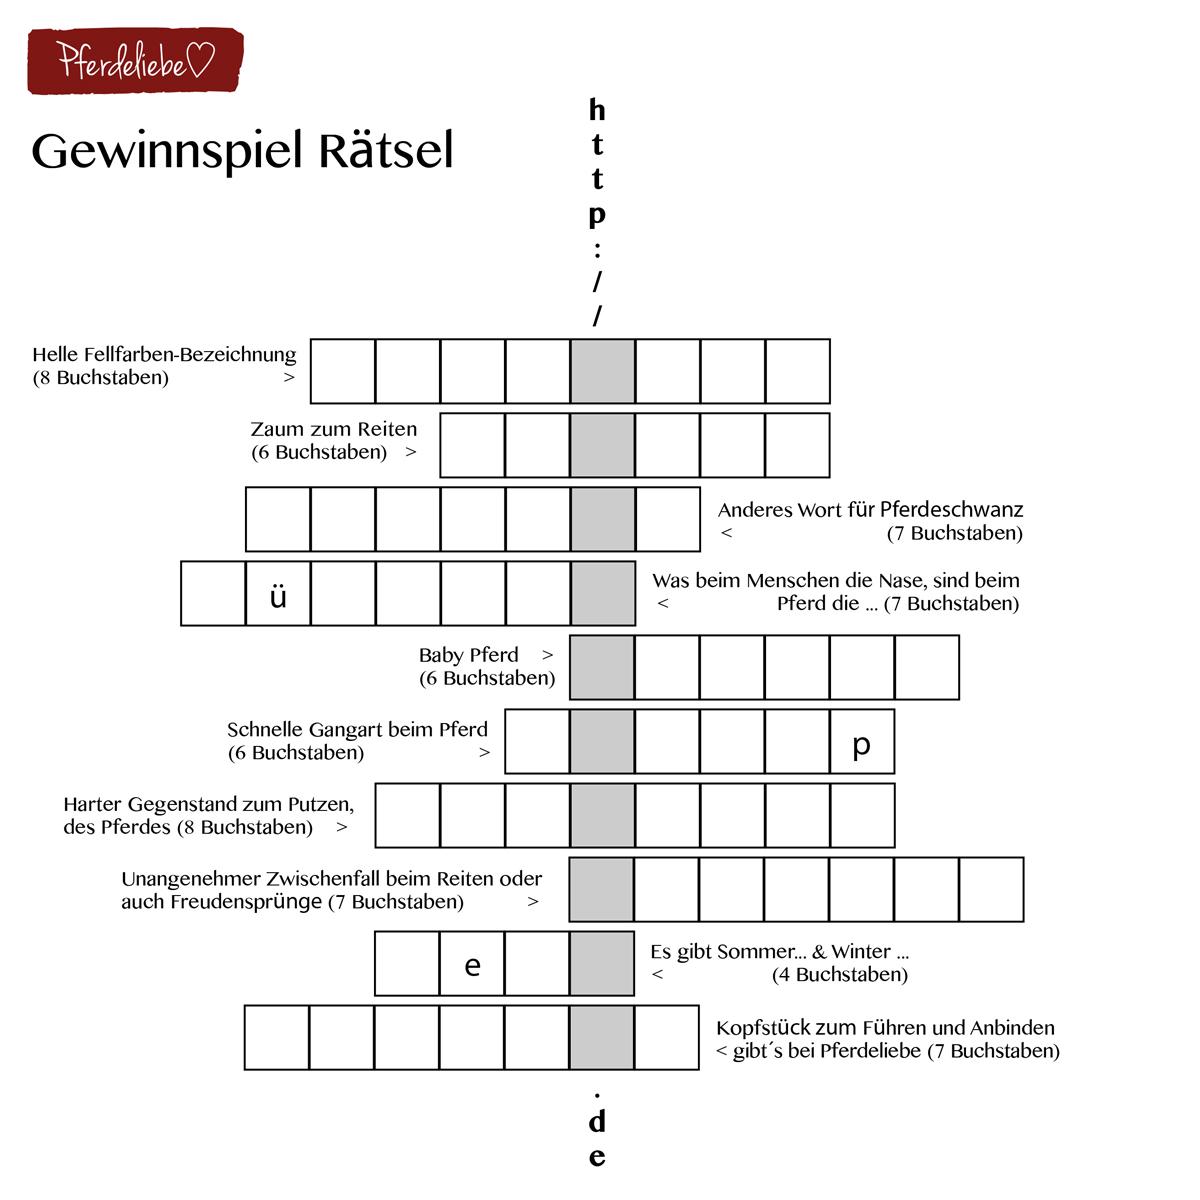 Gewinnspiel_Raetsel-Pferdeliebe-web